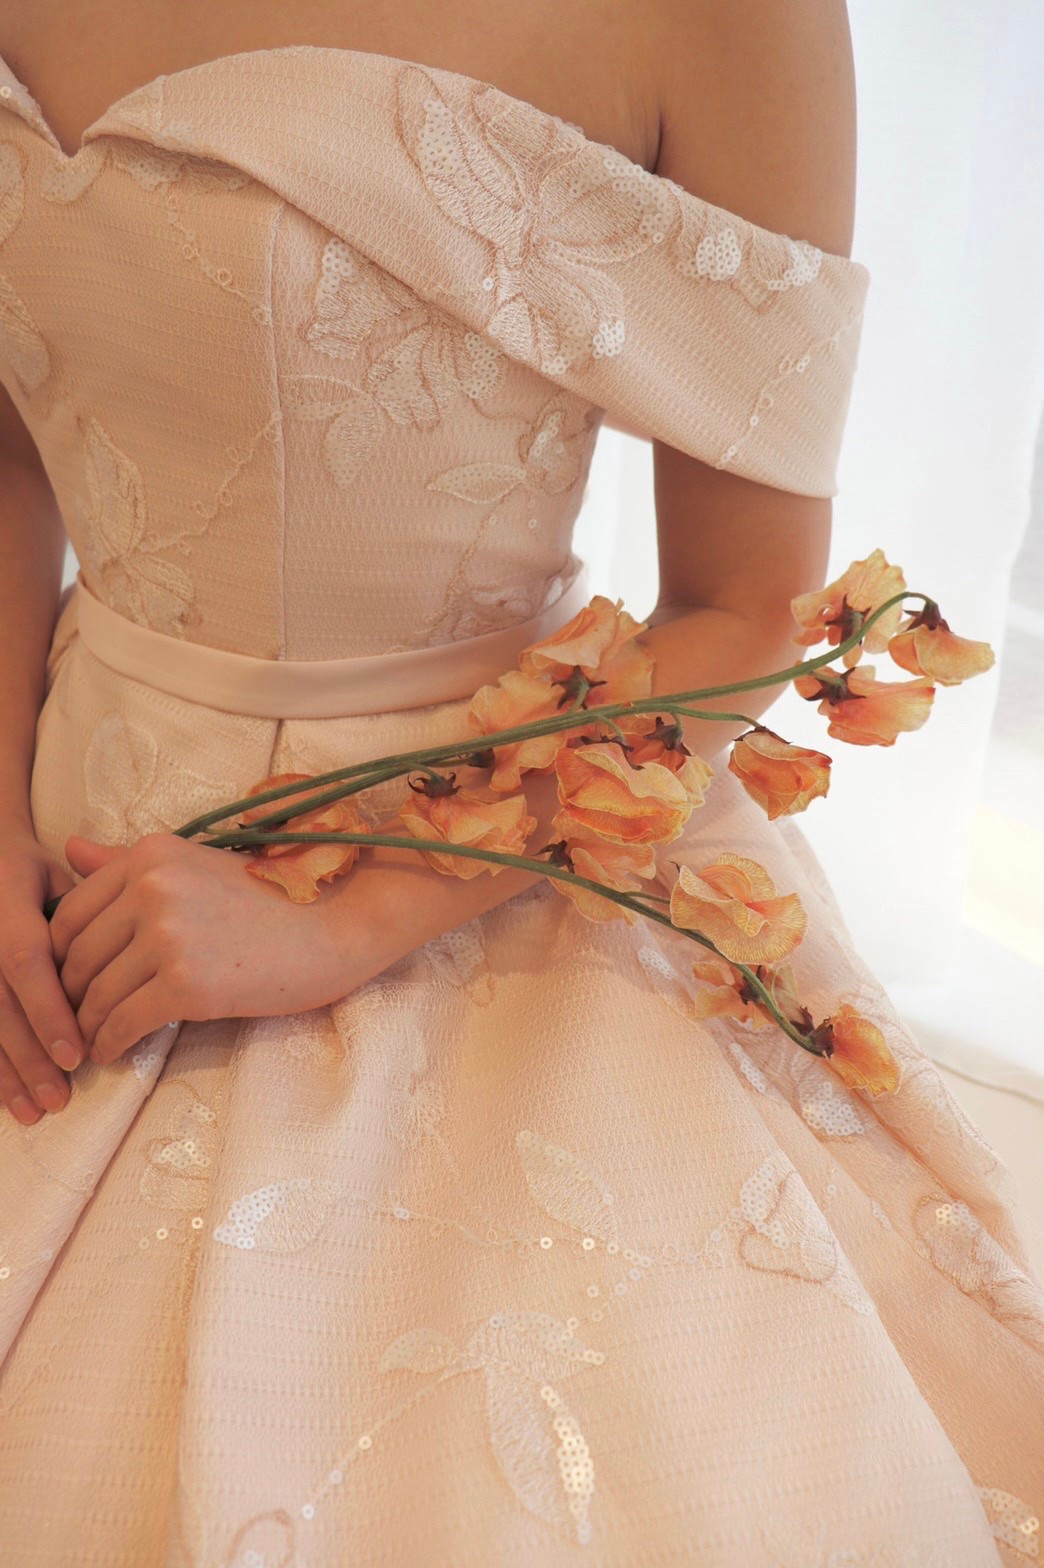 上品でエレガントな花嫁におすすめのザトリートドレッシング名古屋店にて人気のリーフフォーブライズの淡いピンクのAラインのカラードレス